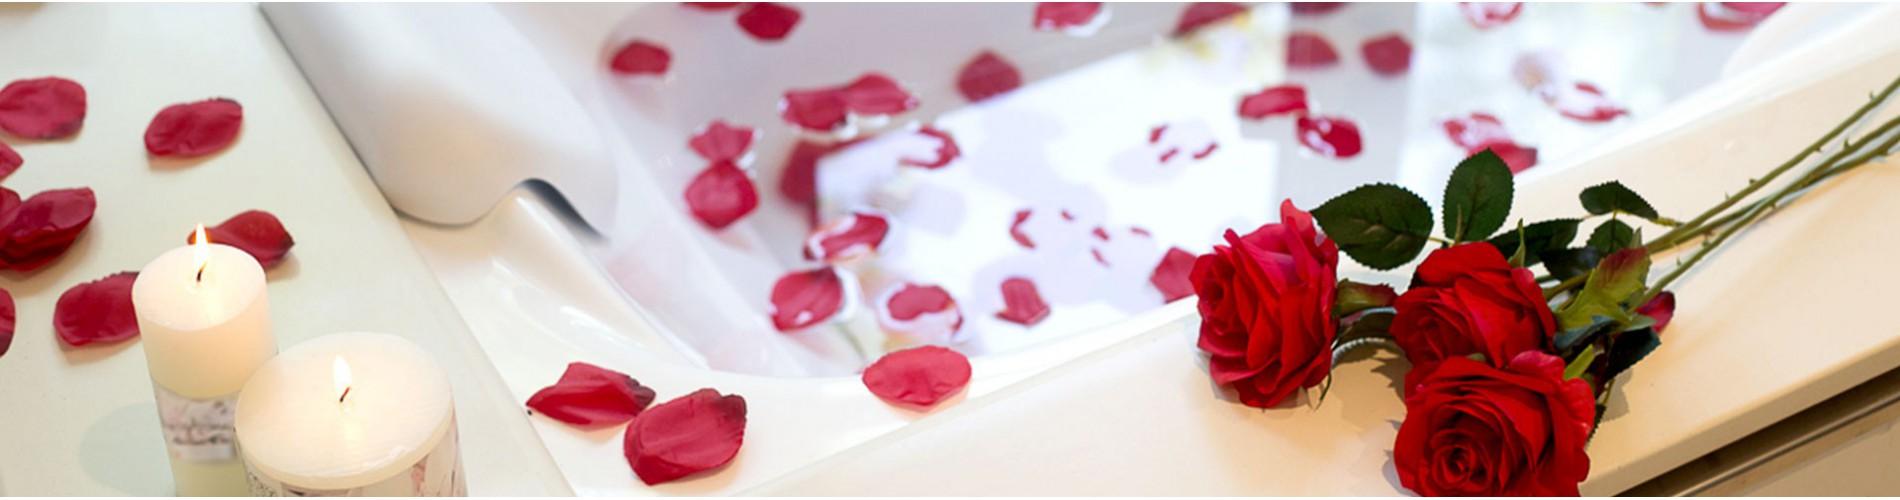 Pétalos de rosa perfumados: ¡Ambienta tus cajones y cestas con ellos!